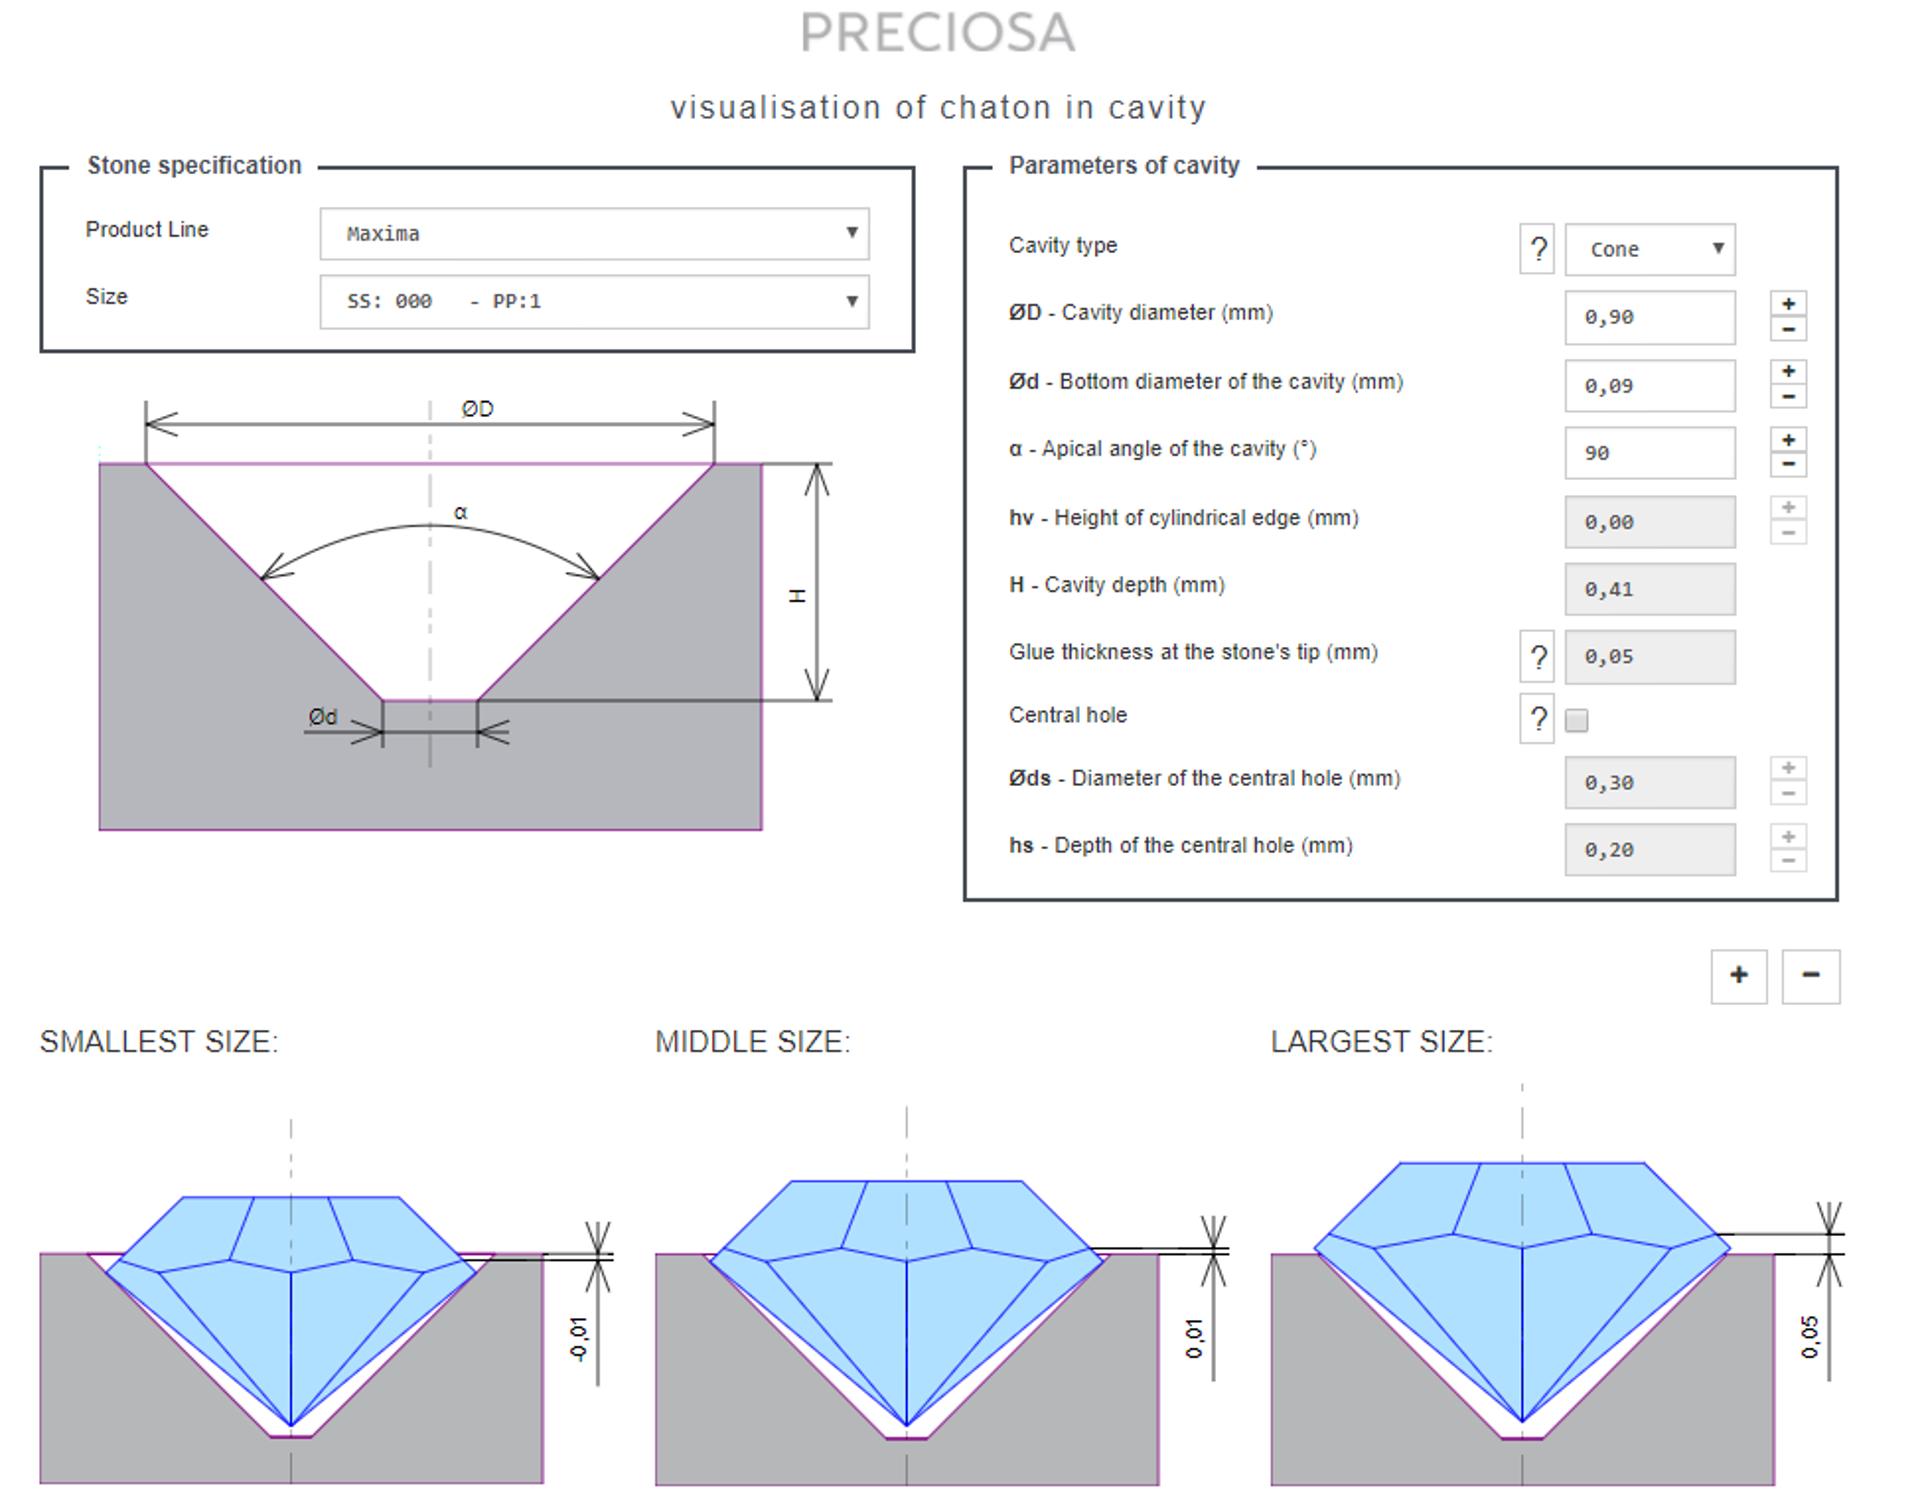 Cover - Visualisation of chaton in cavity for Preciosa